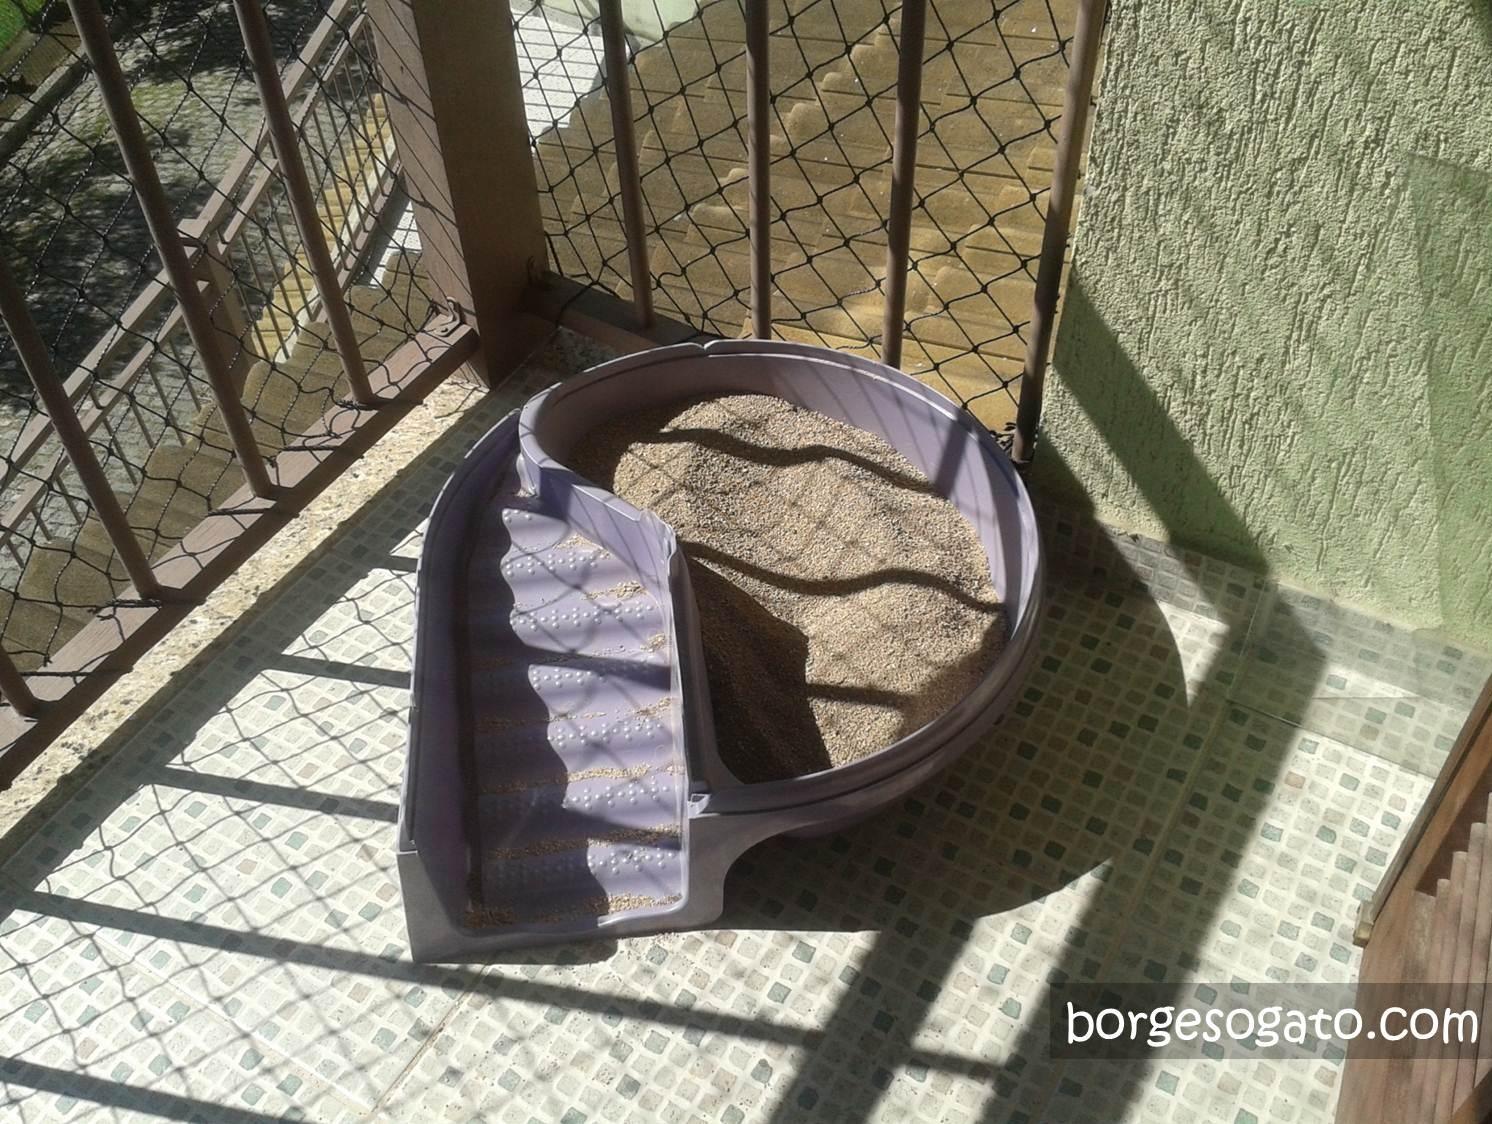 Meu banheiro se divide no meio: metade é areia #7C6A4F 1492x1124 Banheiro Adequado Do Gato